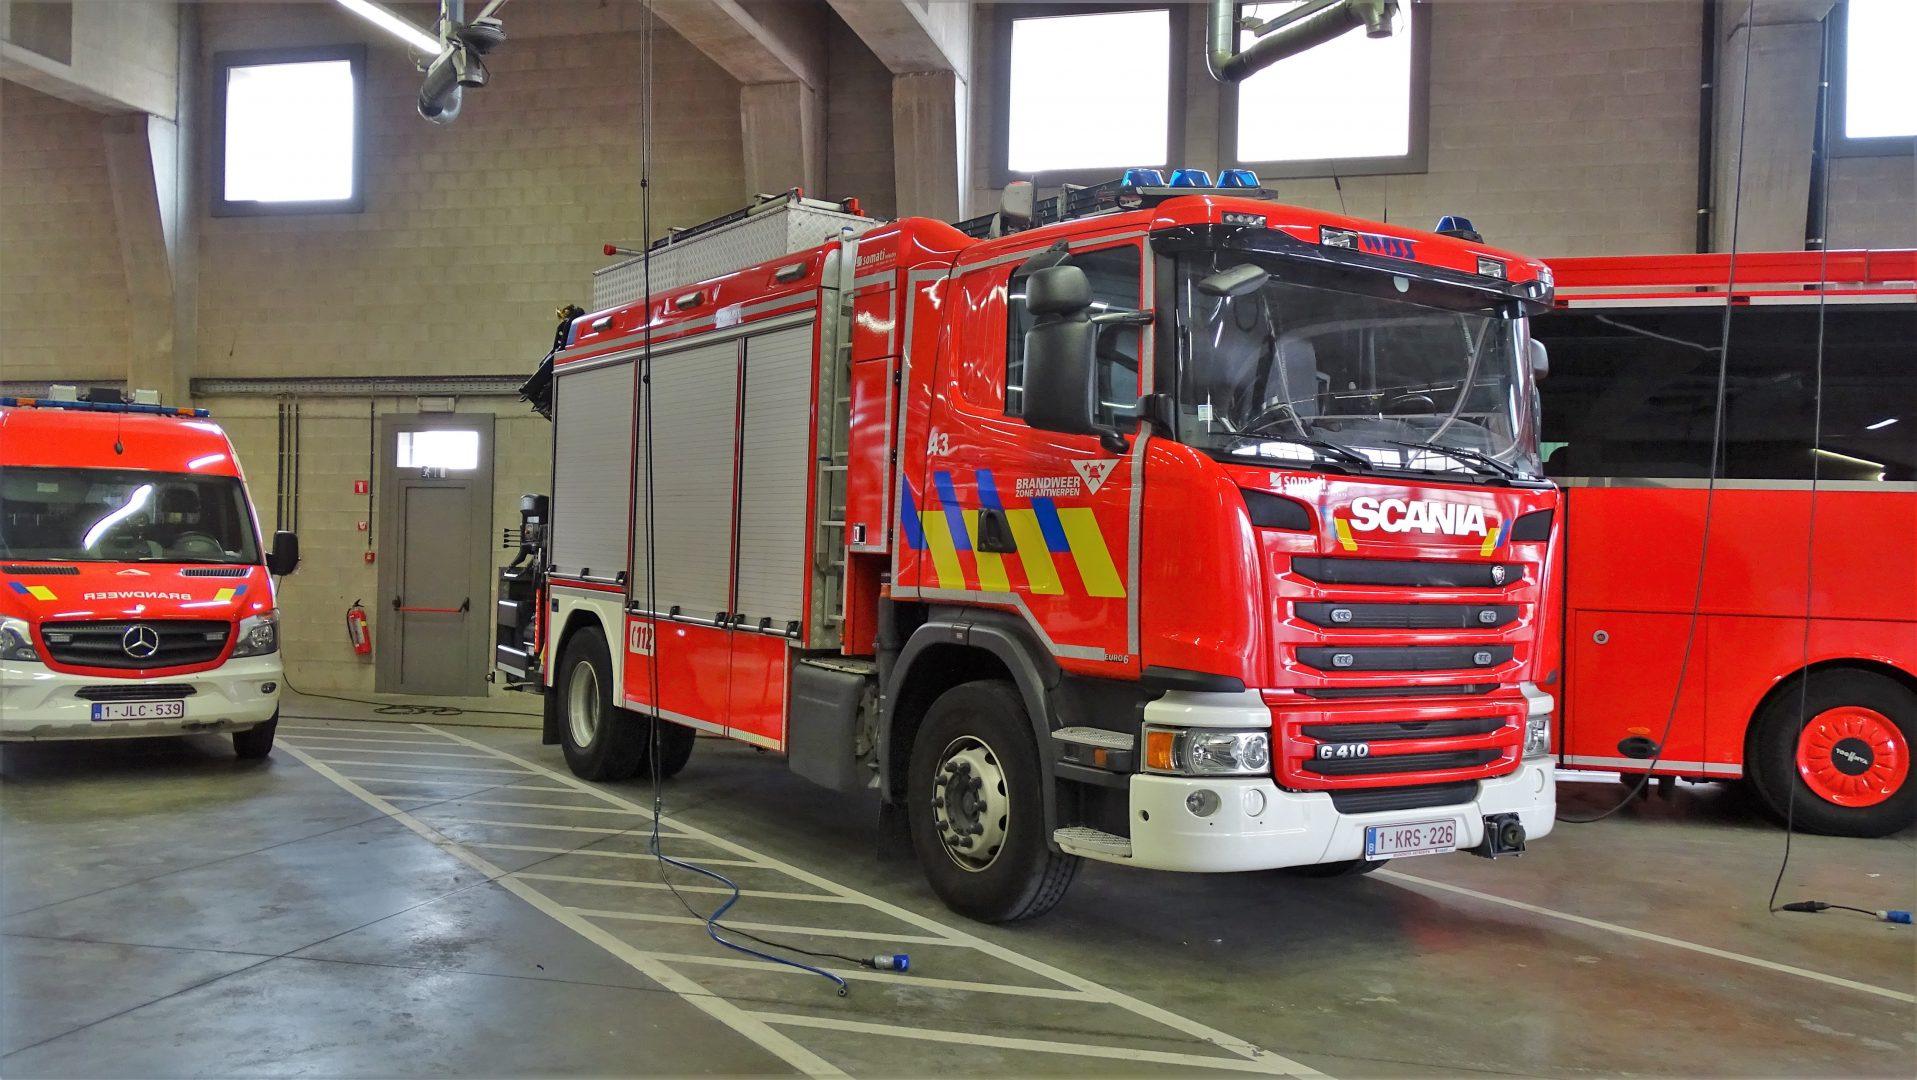 Materiaalwagen Antwerpen